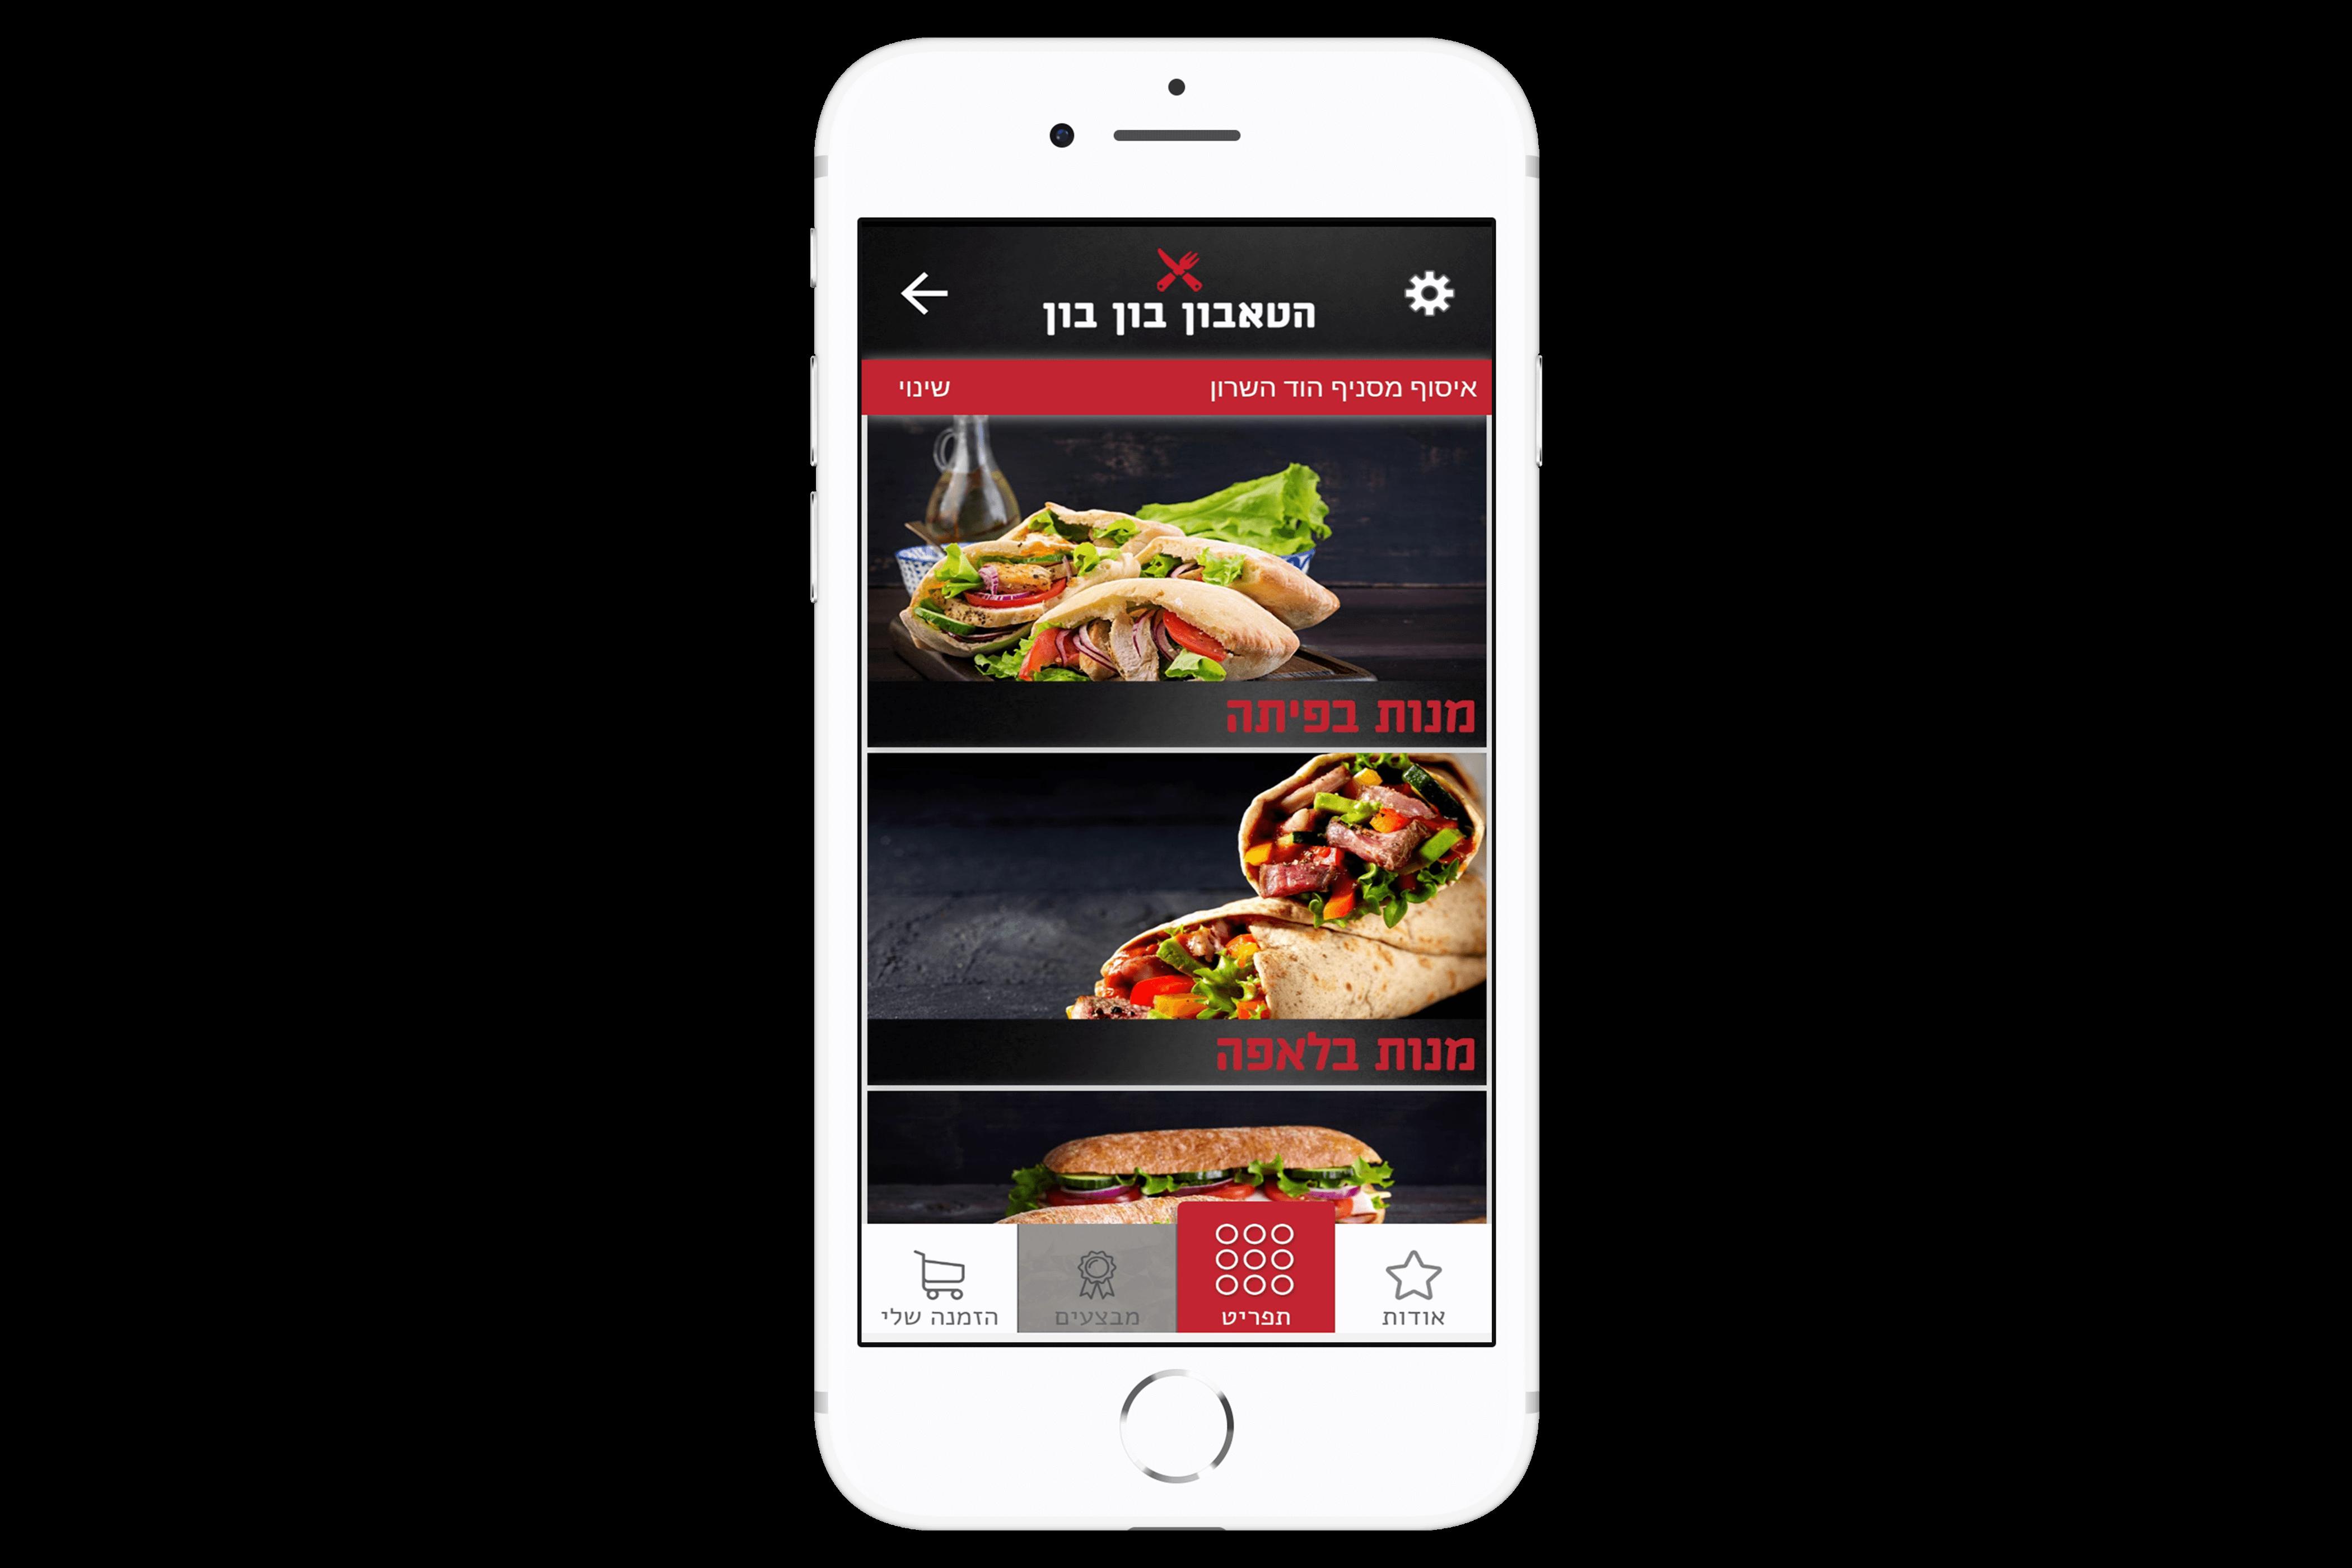 אפליקציית הזמנות של מסעדת הטאבון בון בון מבין הלקוחות שלנו